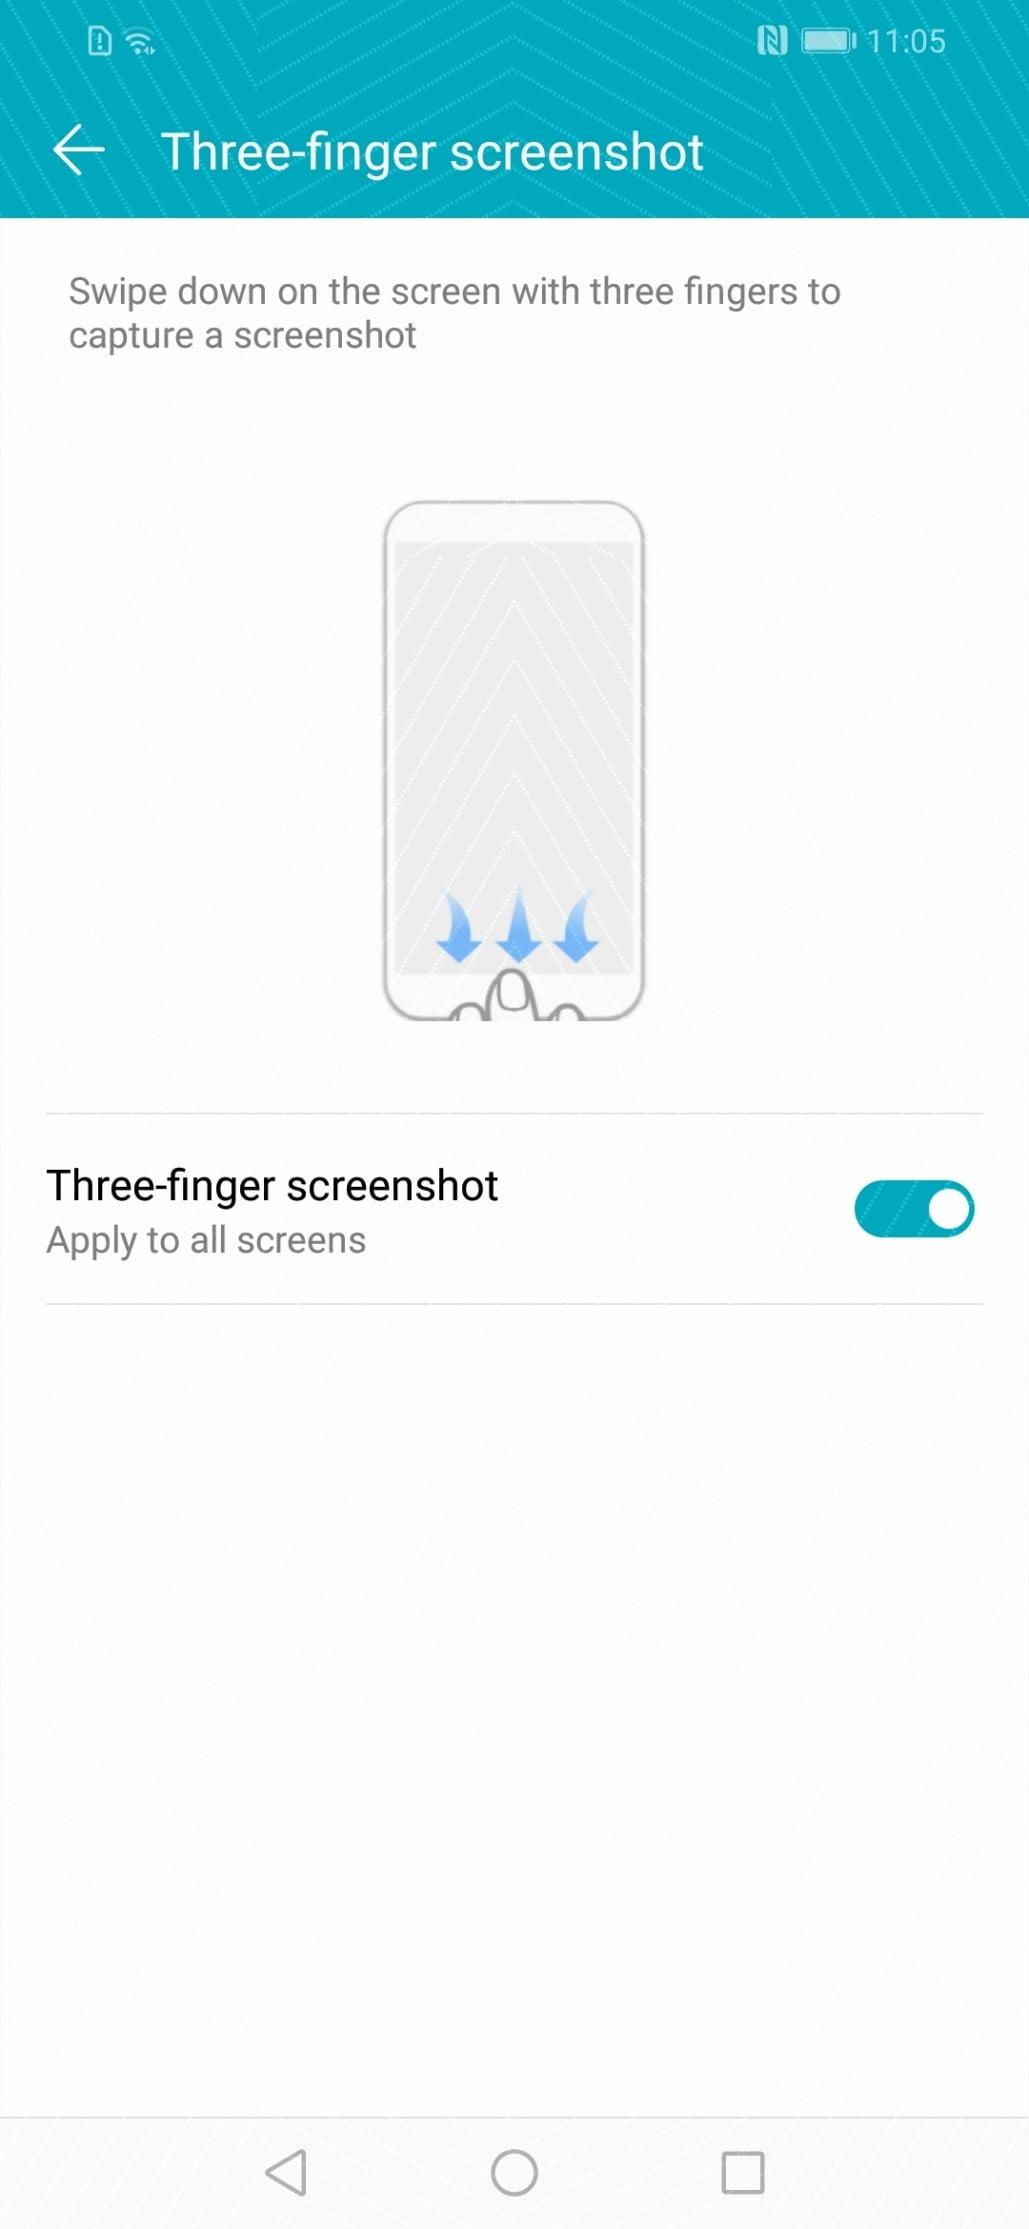 نحوه اسکرین شات گرفتن در روش سه انگشتی